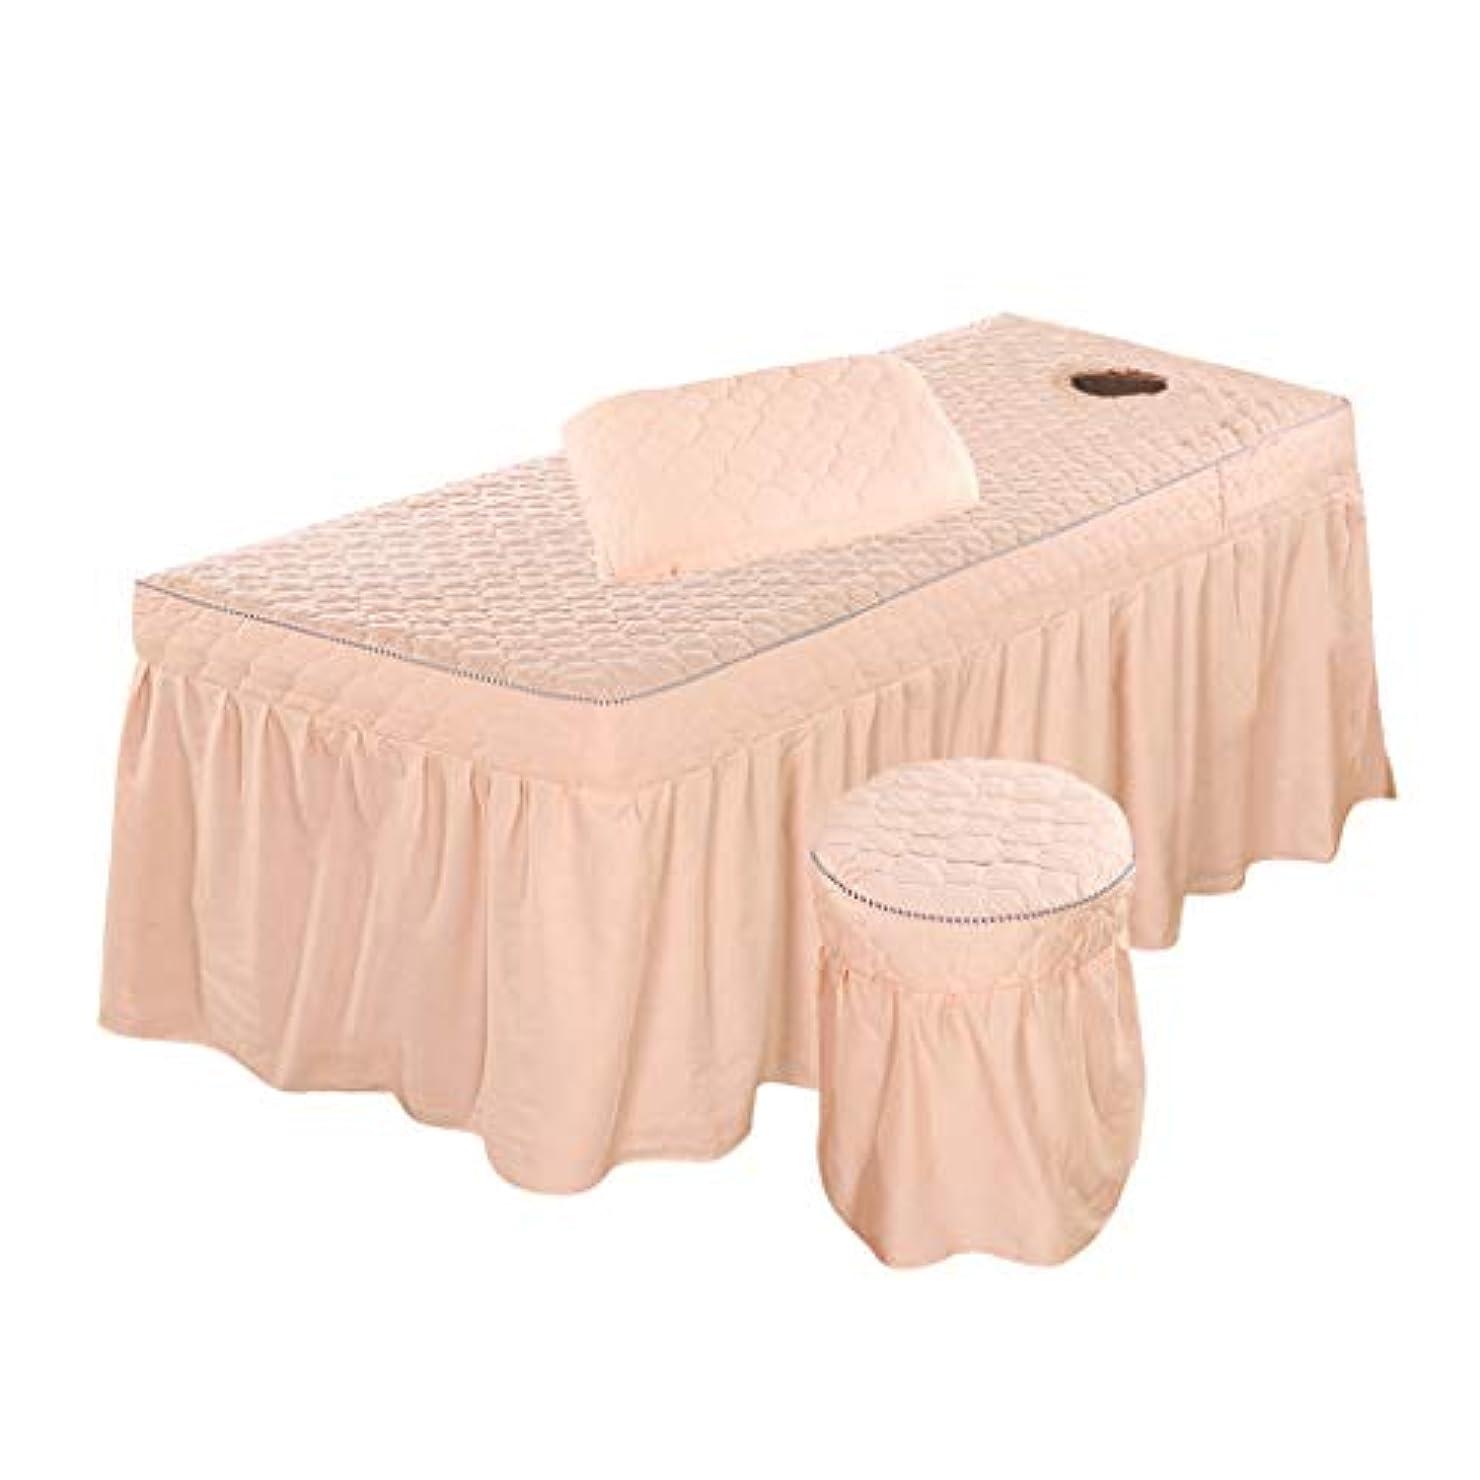 王朝代替取り除くマッサージベッドカバー 有孔 スツールカバー 枕カバー 快適 3個/セット - ライトピンク